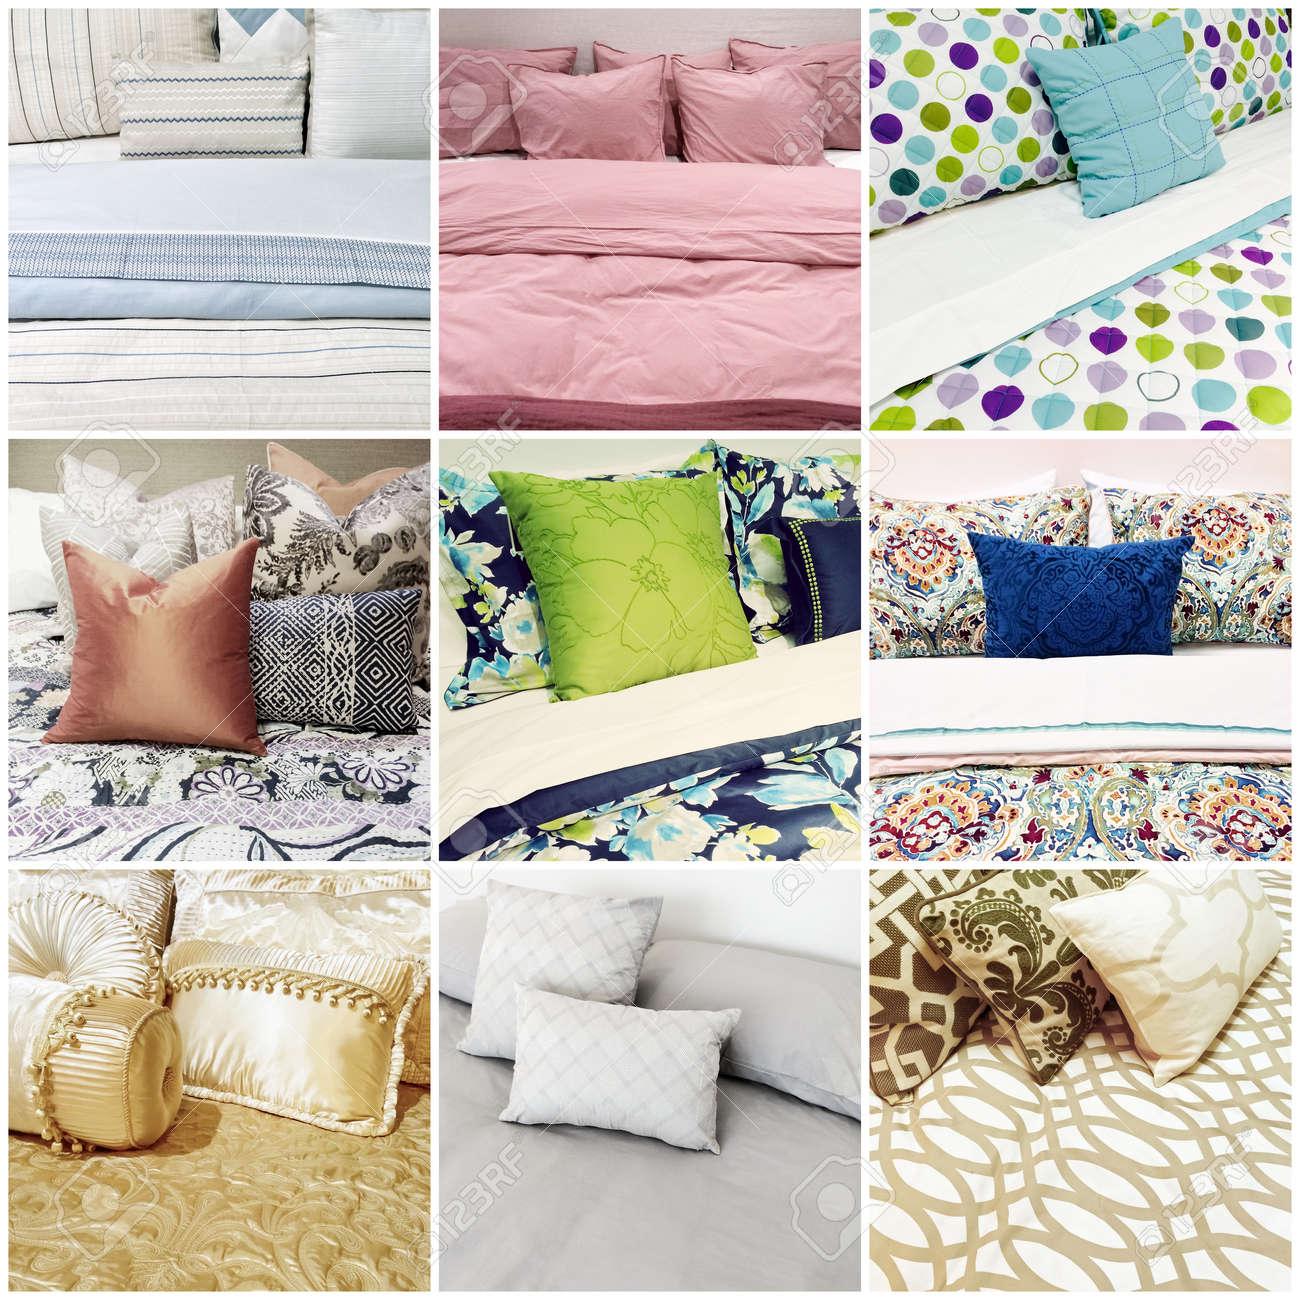 linge de lit neuf Lits Avec Différents Styles De Linge De Lit. Collage De Neuf  linge de lit neuf